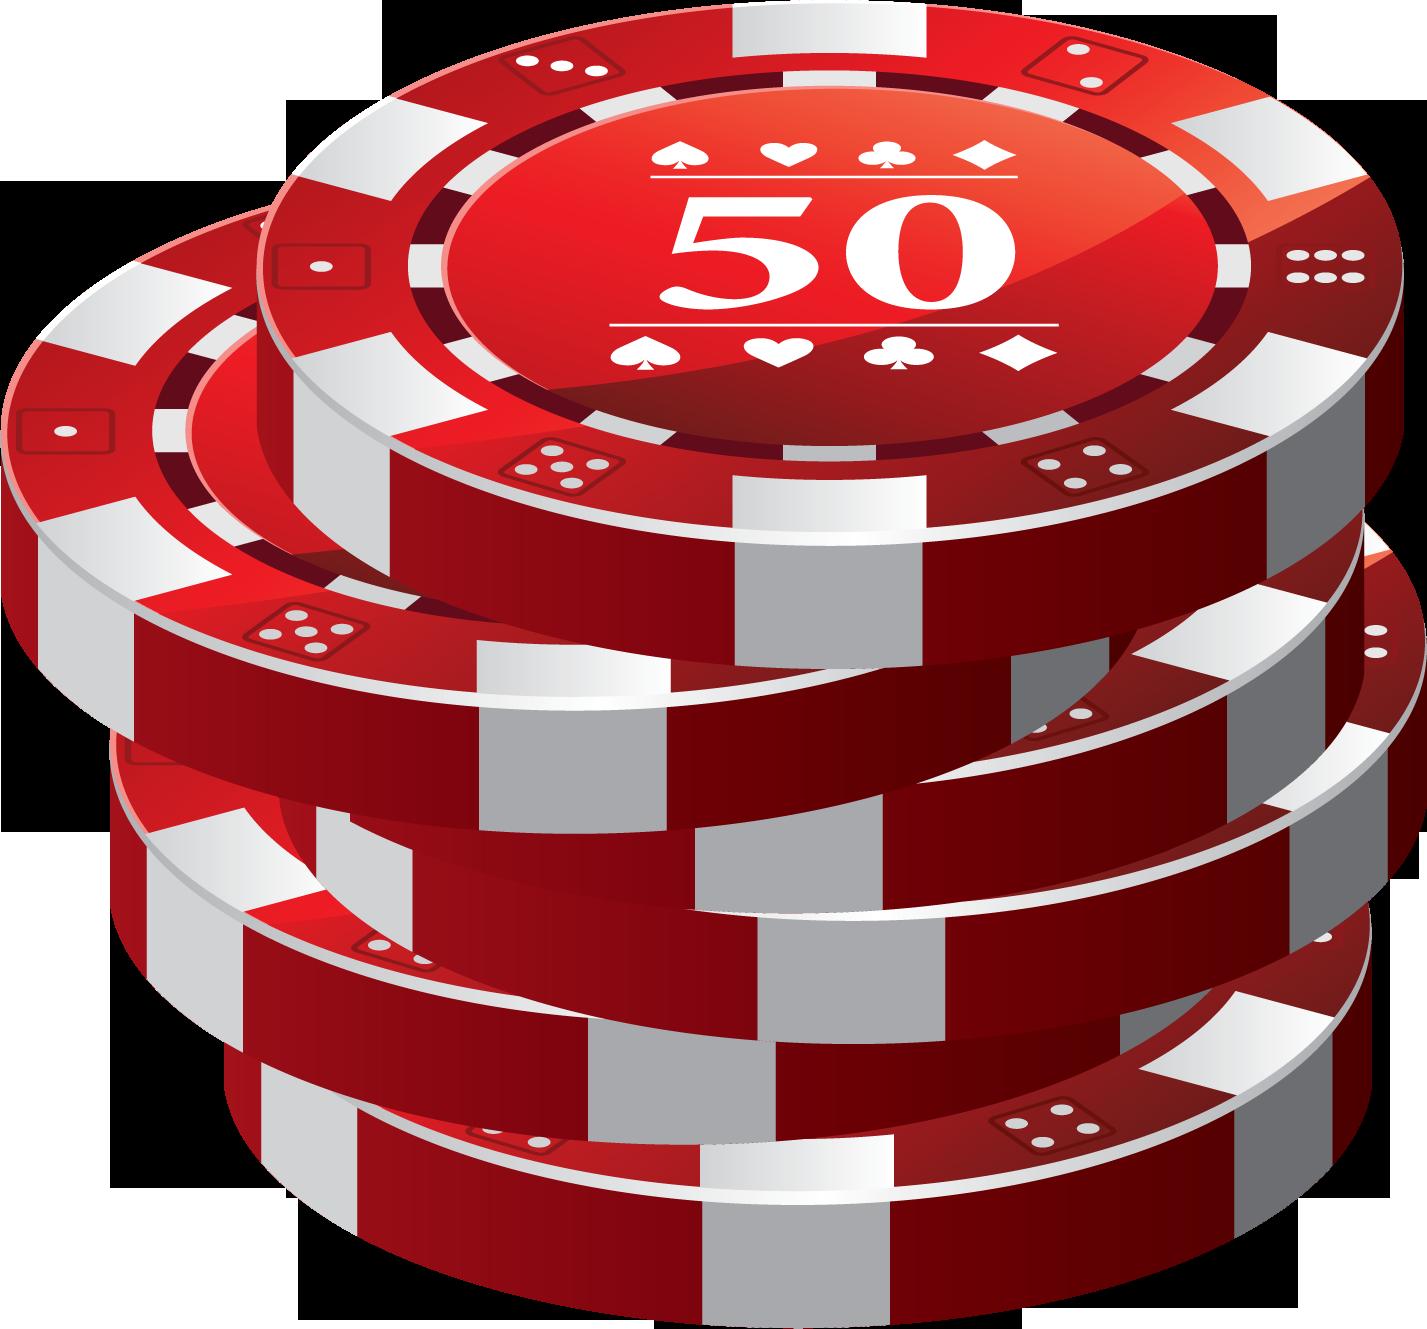 Poker Chips Png Image Poker Chips Casino Chips Poker